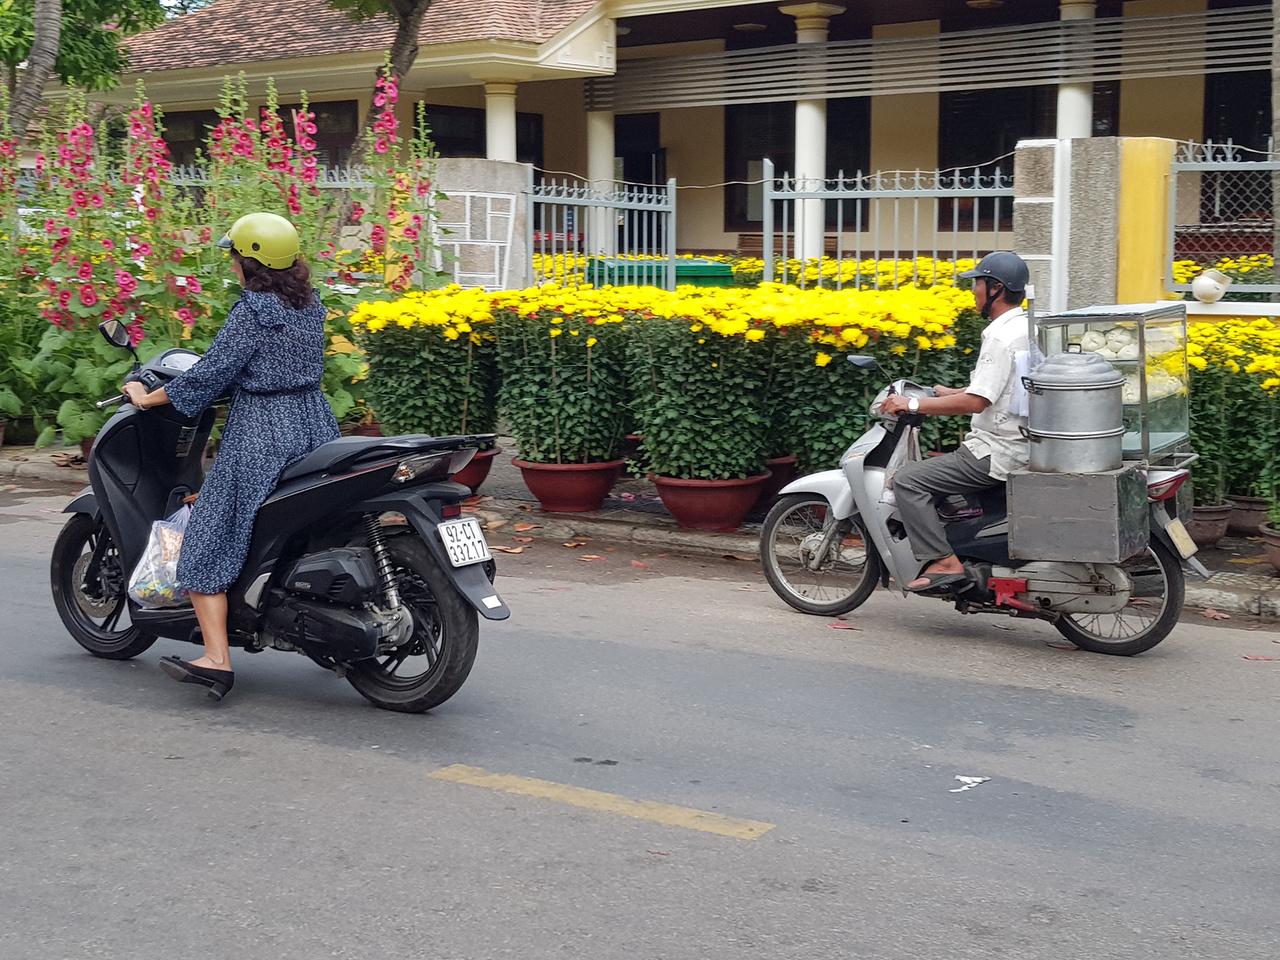 Büdöske mindenütt. Újév környékén mindent beborítanak ezek a sárga növények, úton-útfélen árulják. Mint kiderült, a vörös és sárga díszítés hagyományosan jólétet és szerencsét hoz, ezért dekorálnak vele mindent lelkesen Ázsiában. További érdekesség a mozgó gombócárus robogó, százával járják az utakat. A legdurvább egy nyílt lánggal működő sütővel felszerelt példány volt, szürreális lángnyelvet húzva maga mögött menet közben